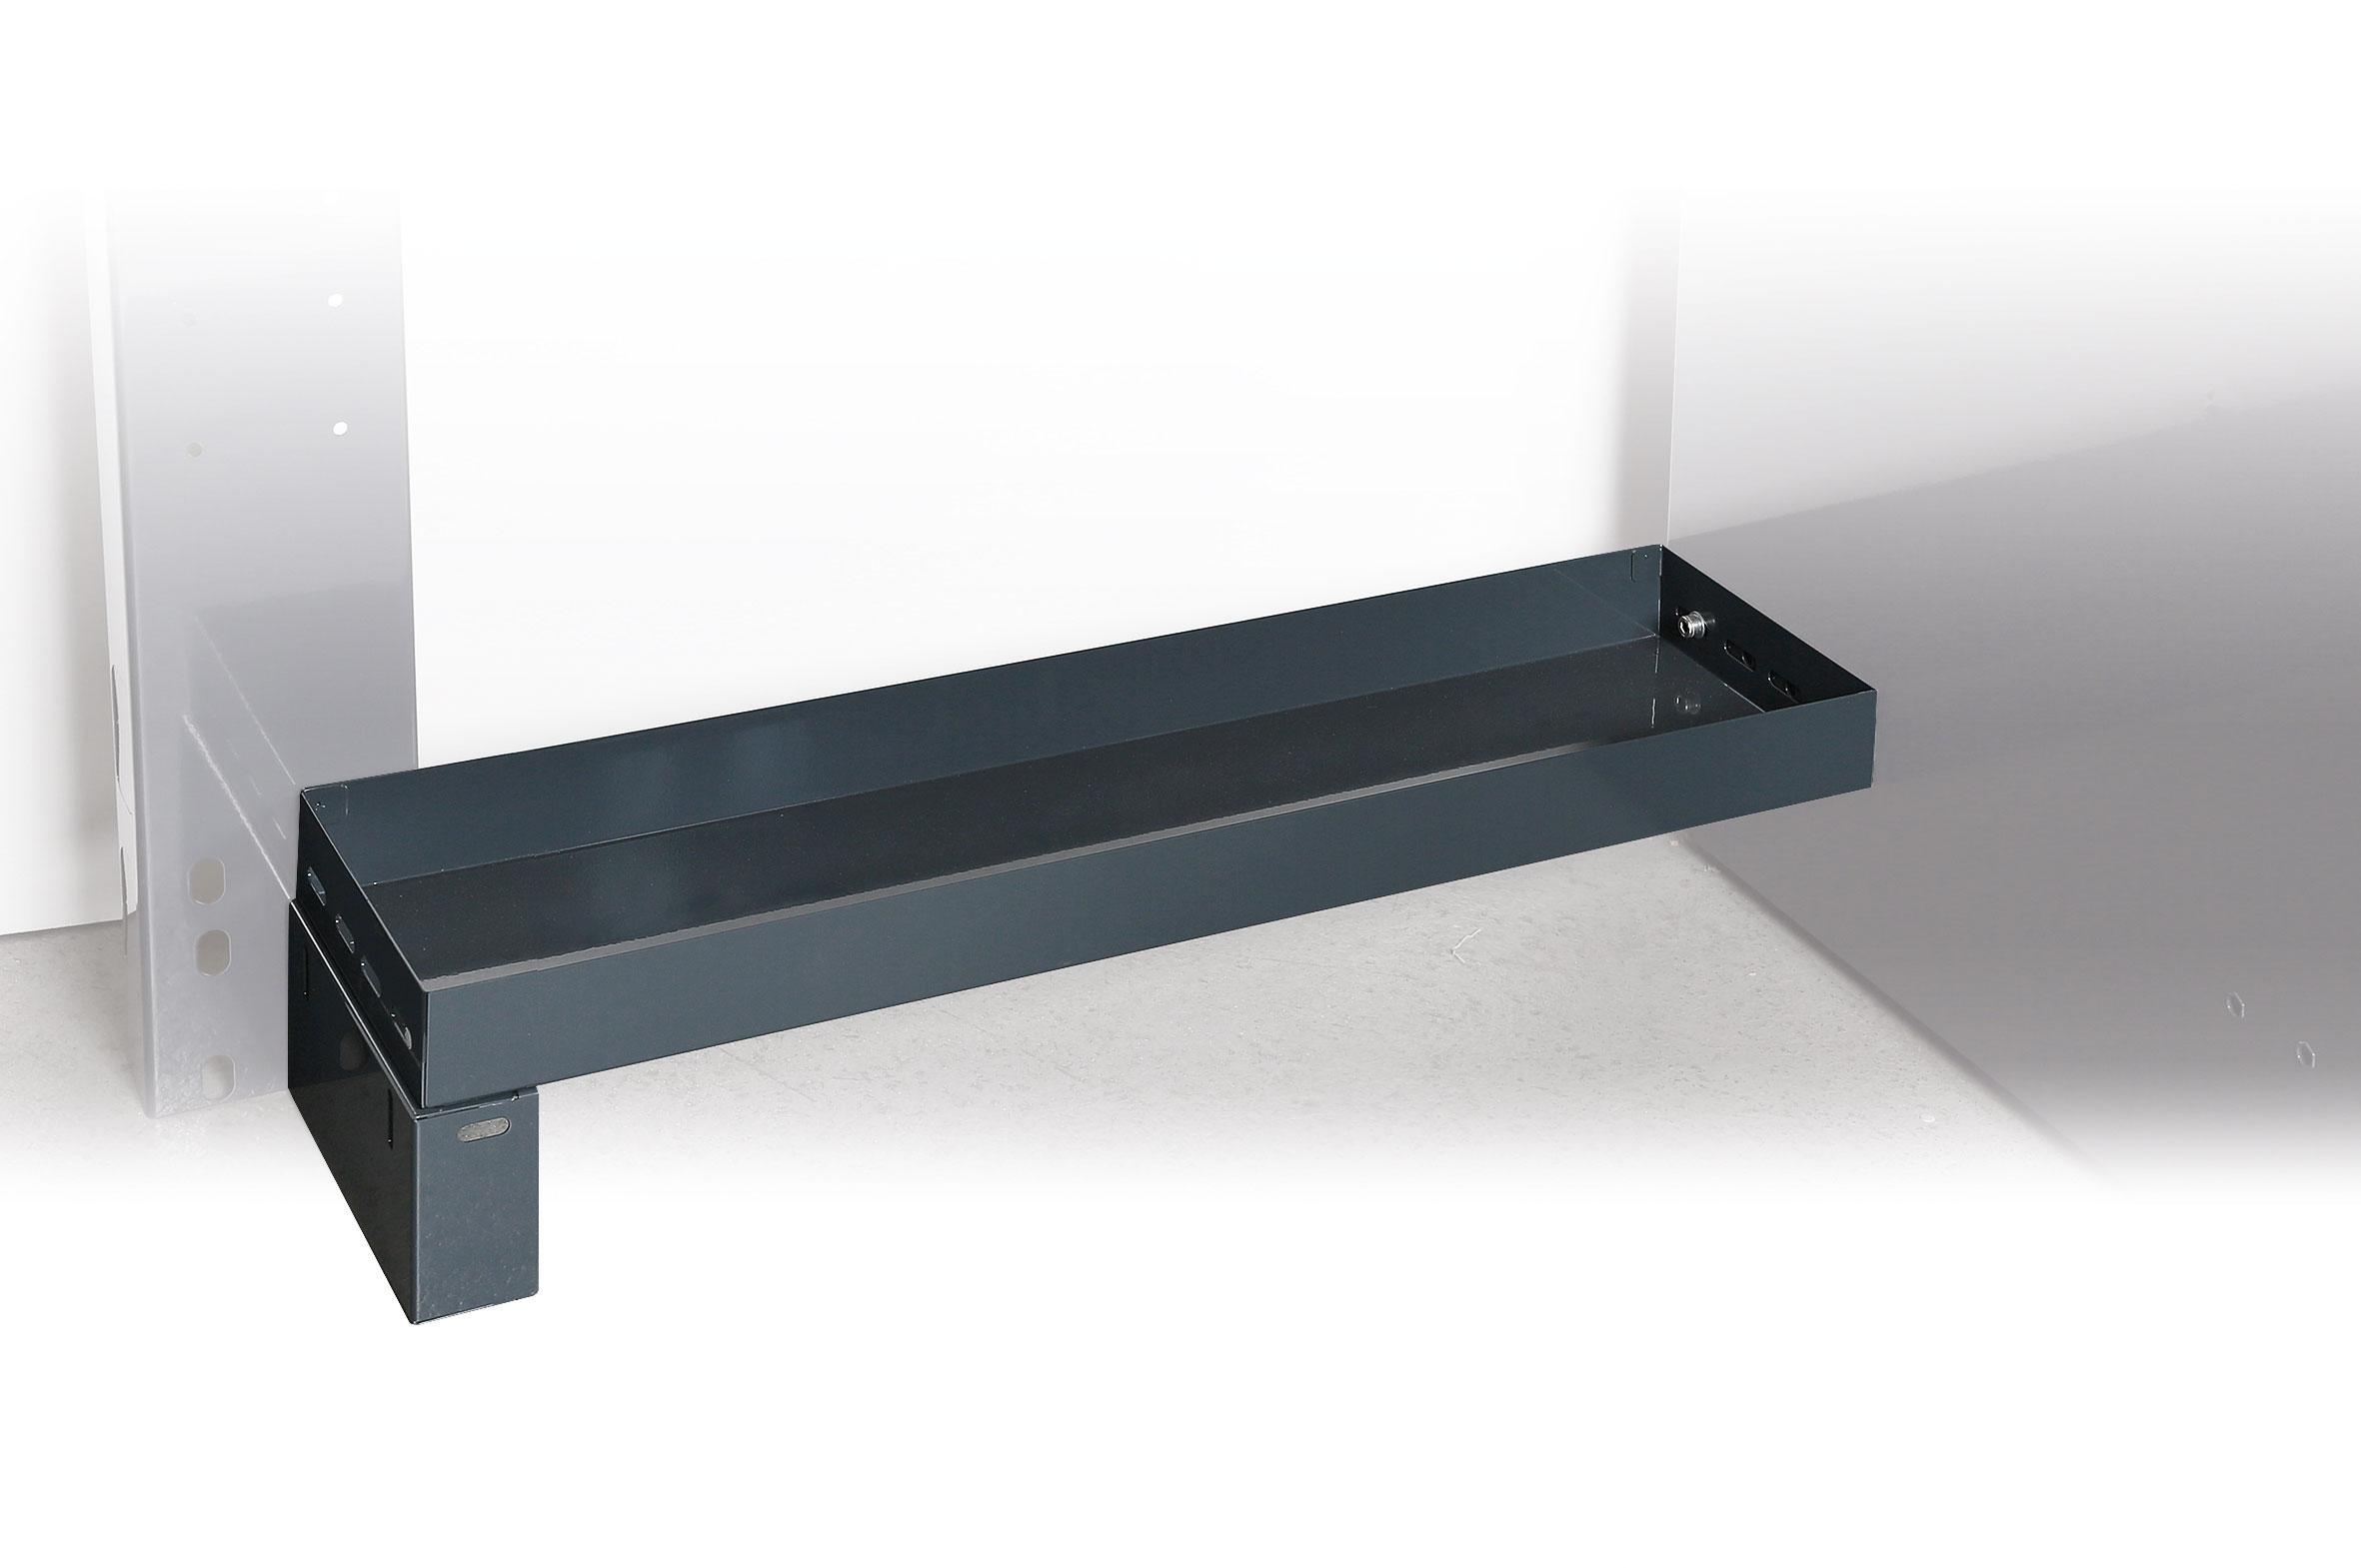 Töölaua alumine kinnitus, 0.8 m pikk